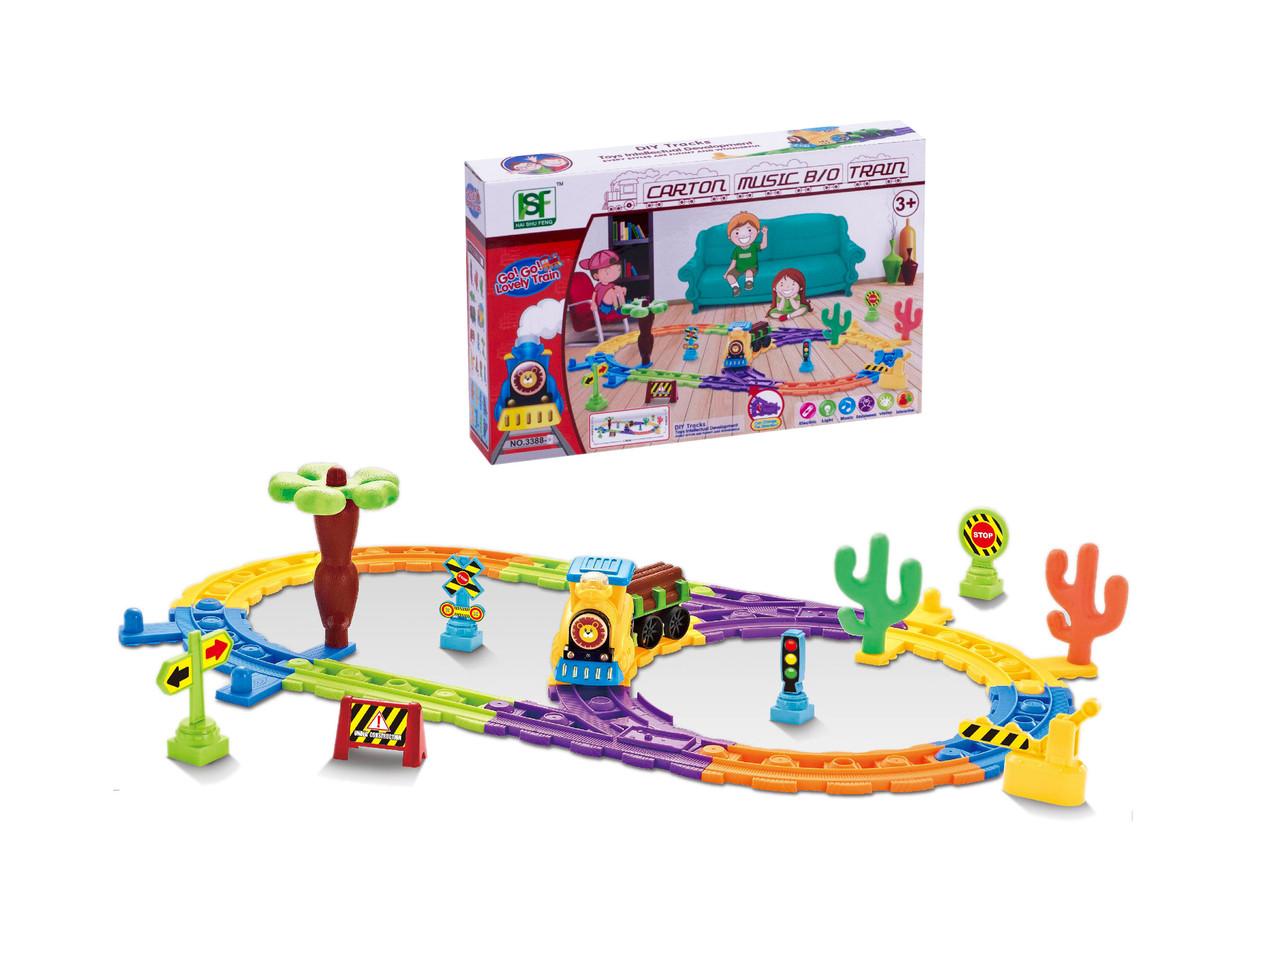 Железная дорога для малышей с перекрестком, 24 элементы